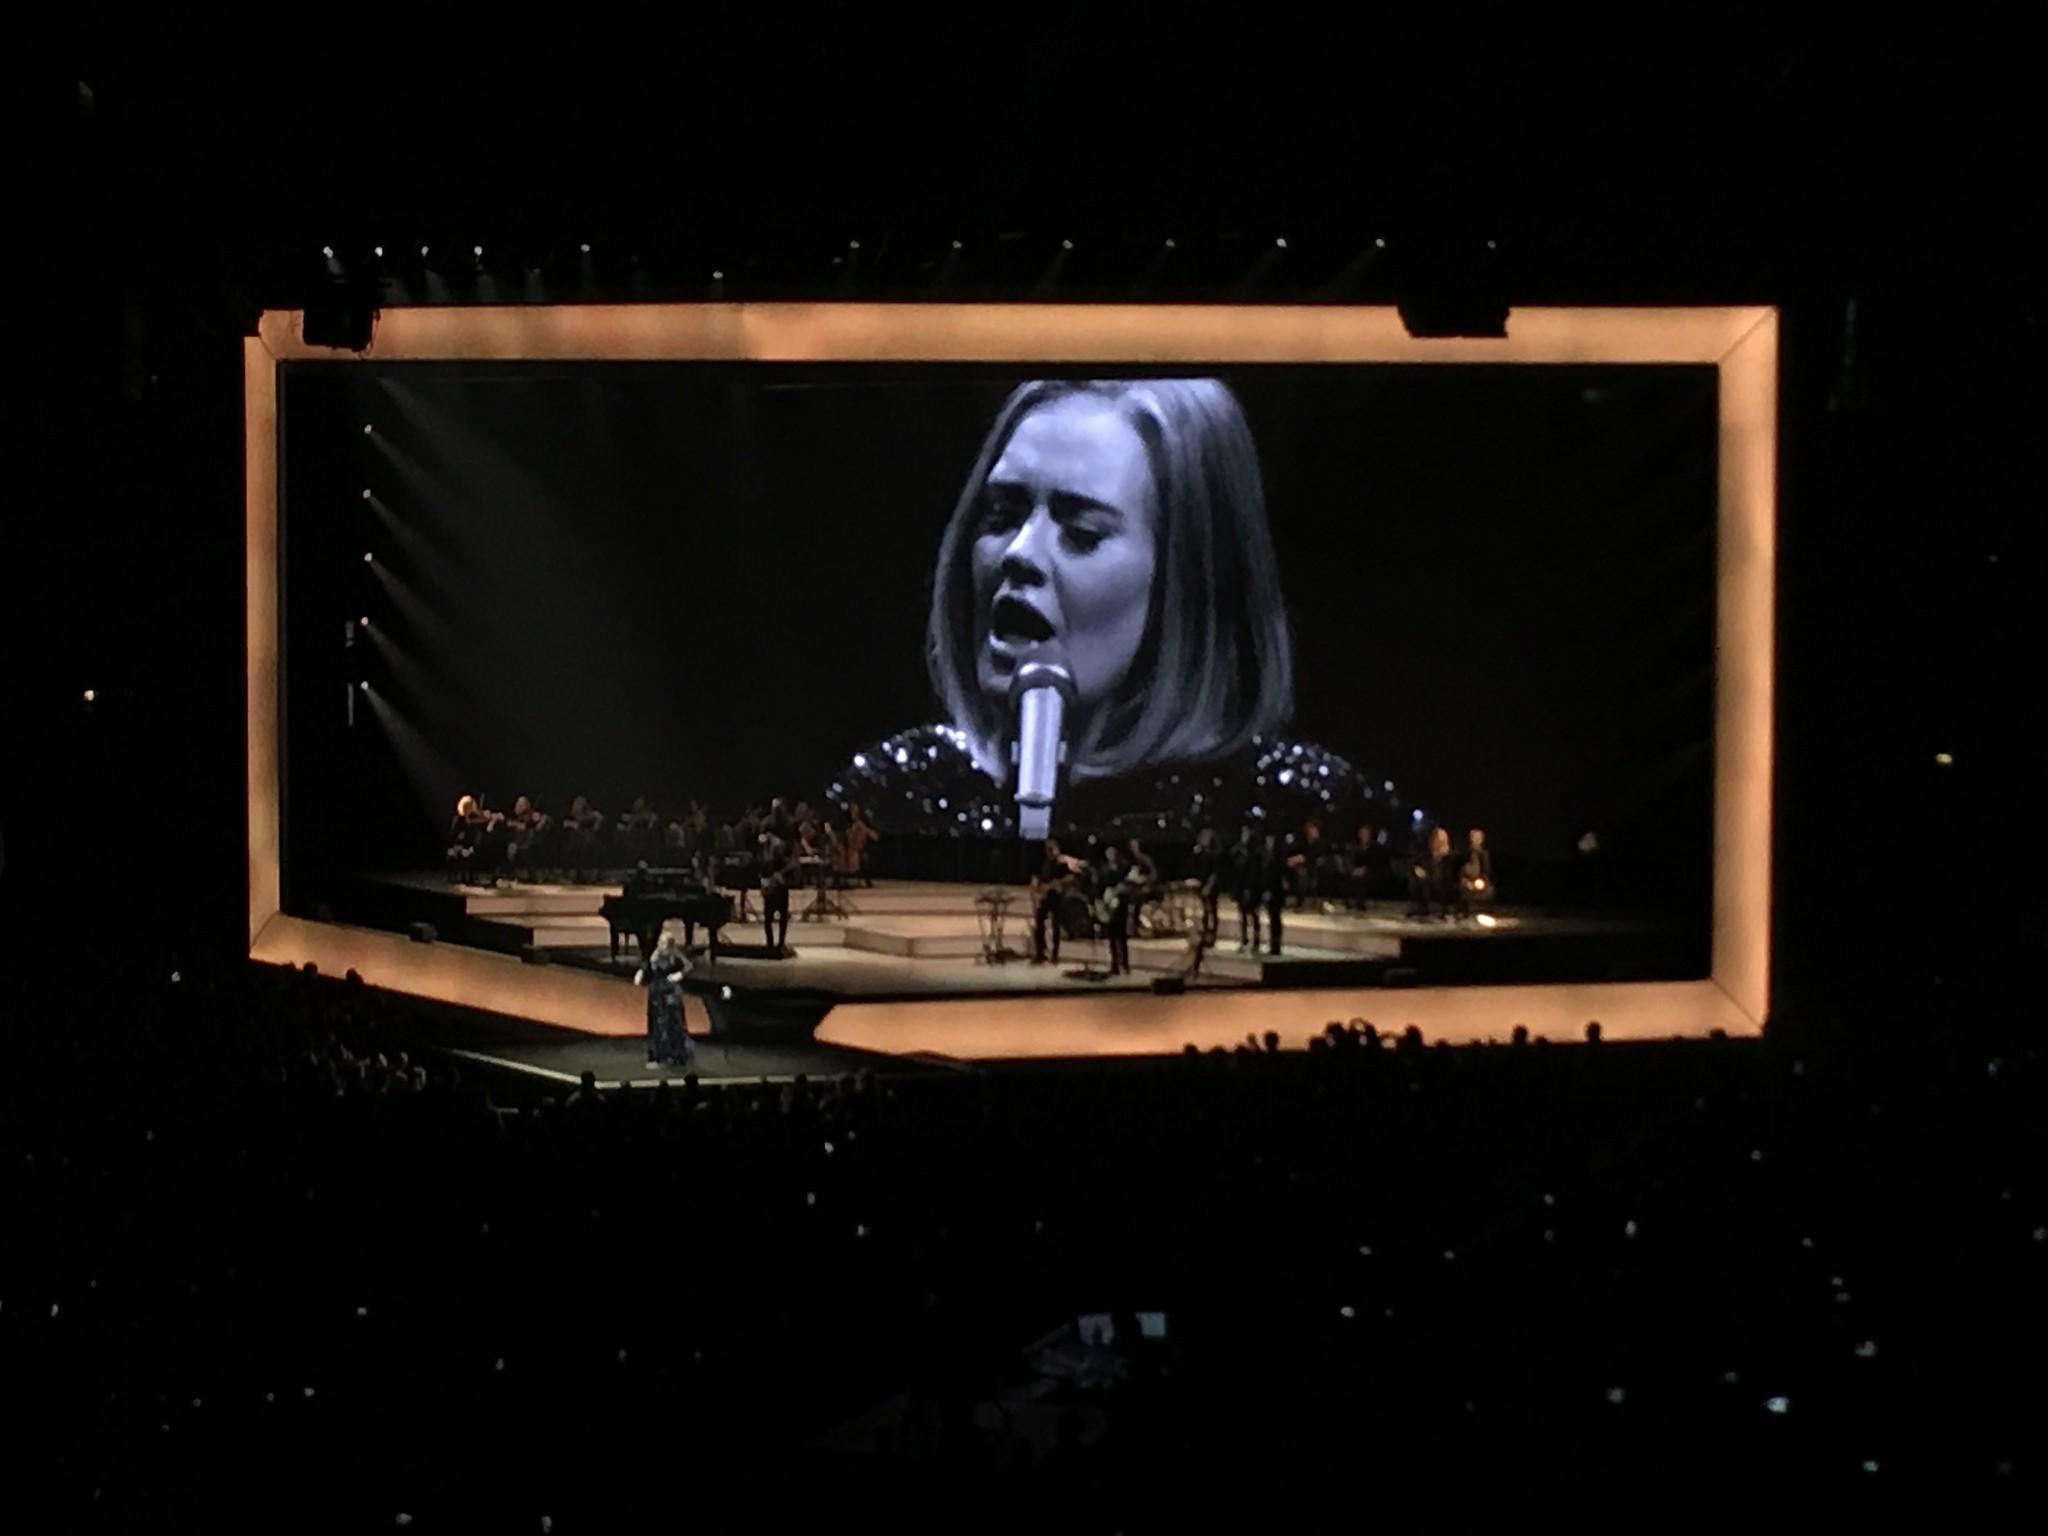 Versões instrumentais de duas músicas da Adele fizeram parte do estudo (Foto: Cole Camplese/FLICKR/ CREATIVE COMMONS)